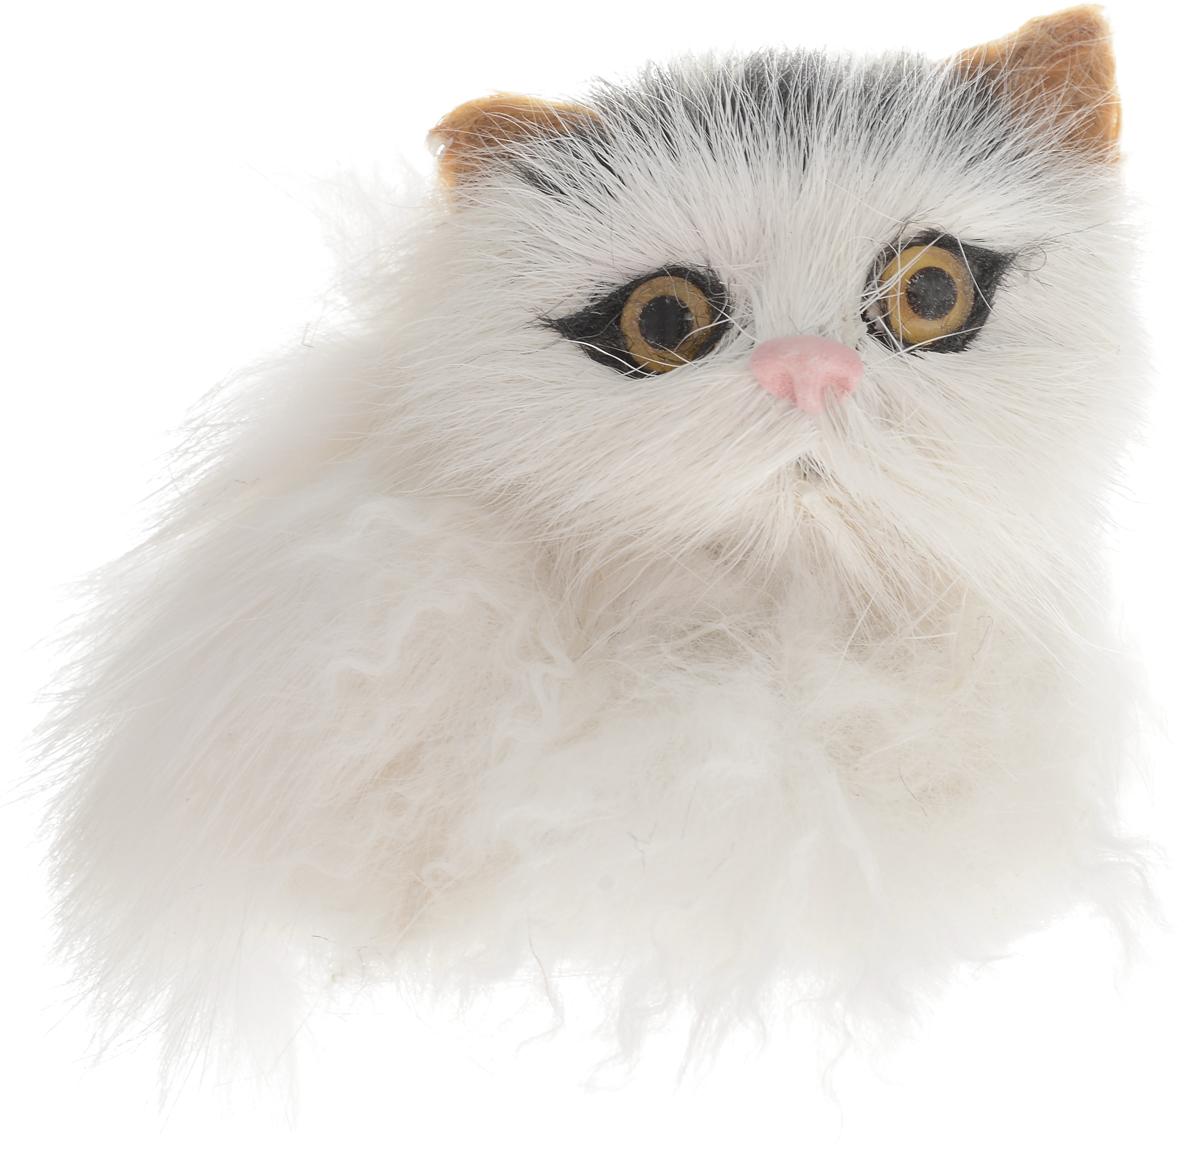 Vebtoy Фигурка Котенок сидящий цвет белый C227 vebtoy фигурка котенок сидящий цвет белый c226